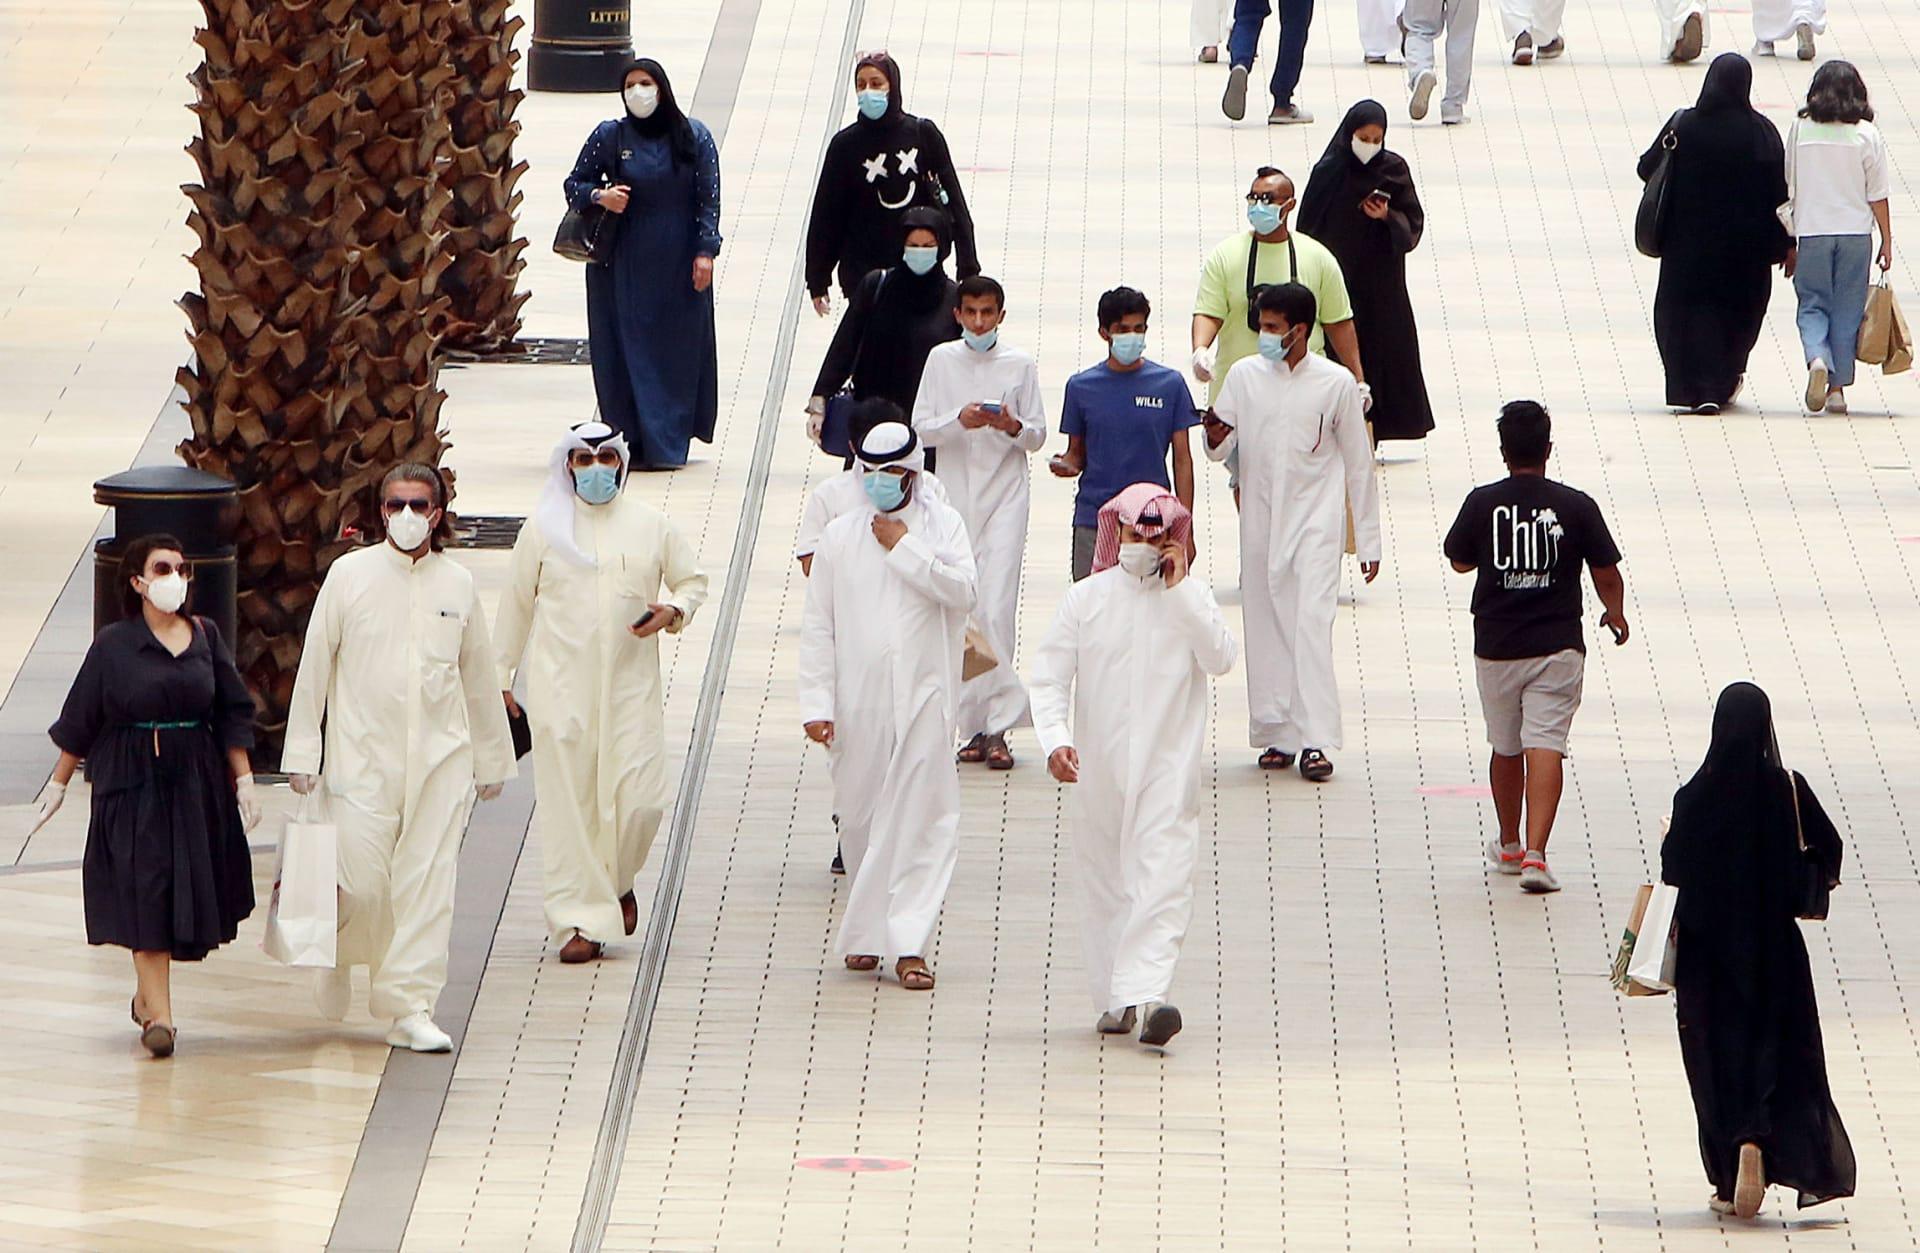 صورة أرشيفية من شوارع الكويت